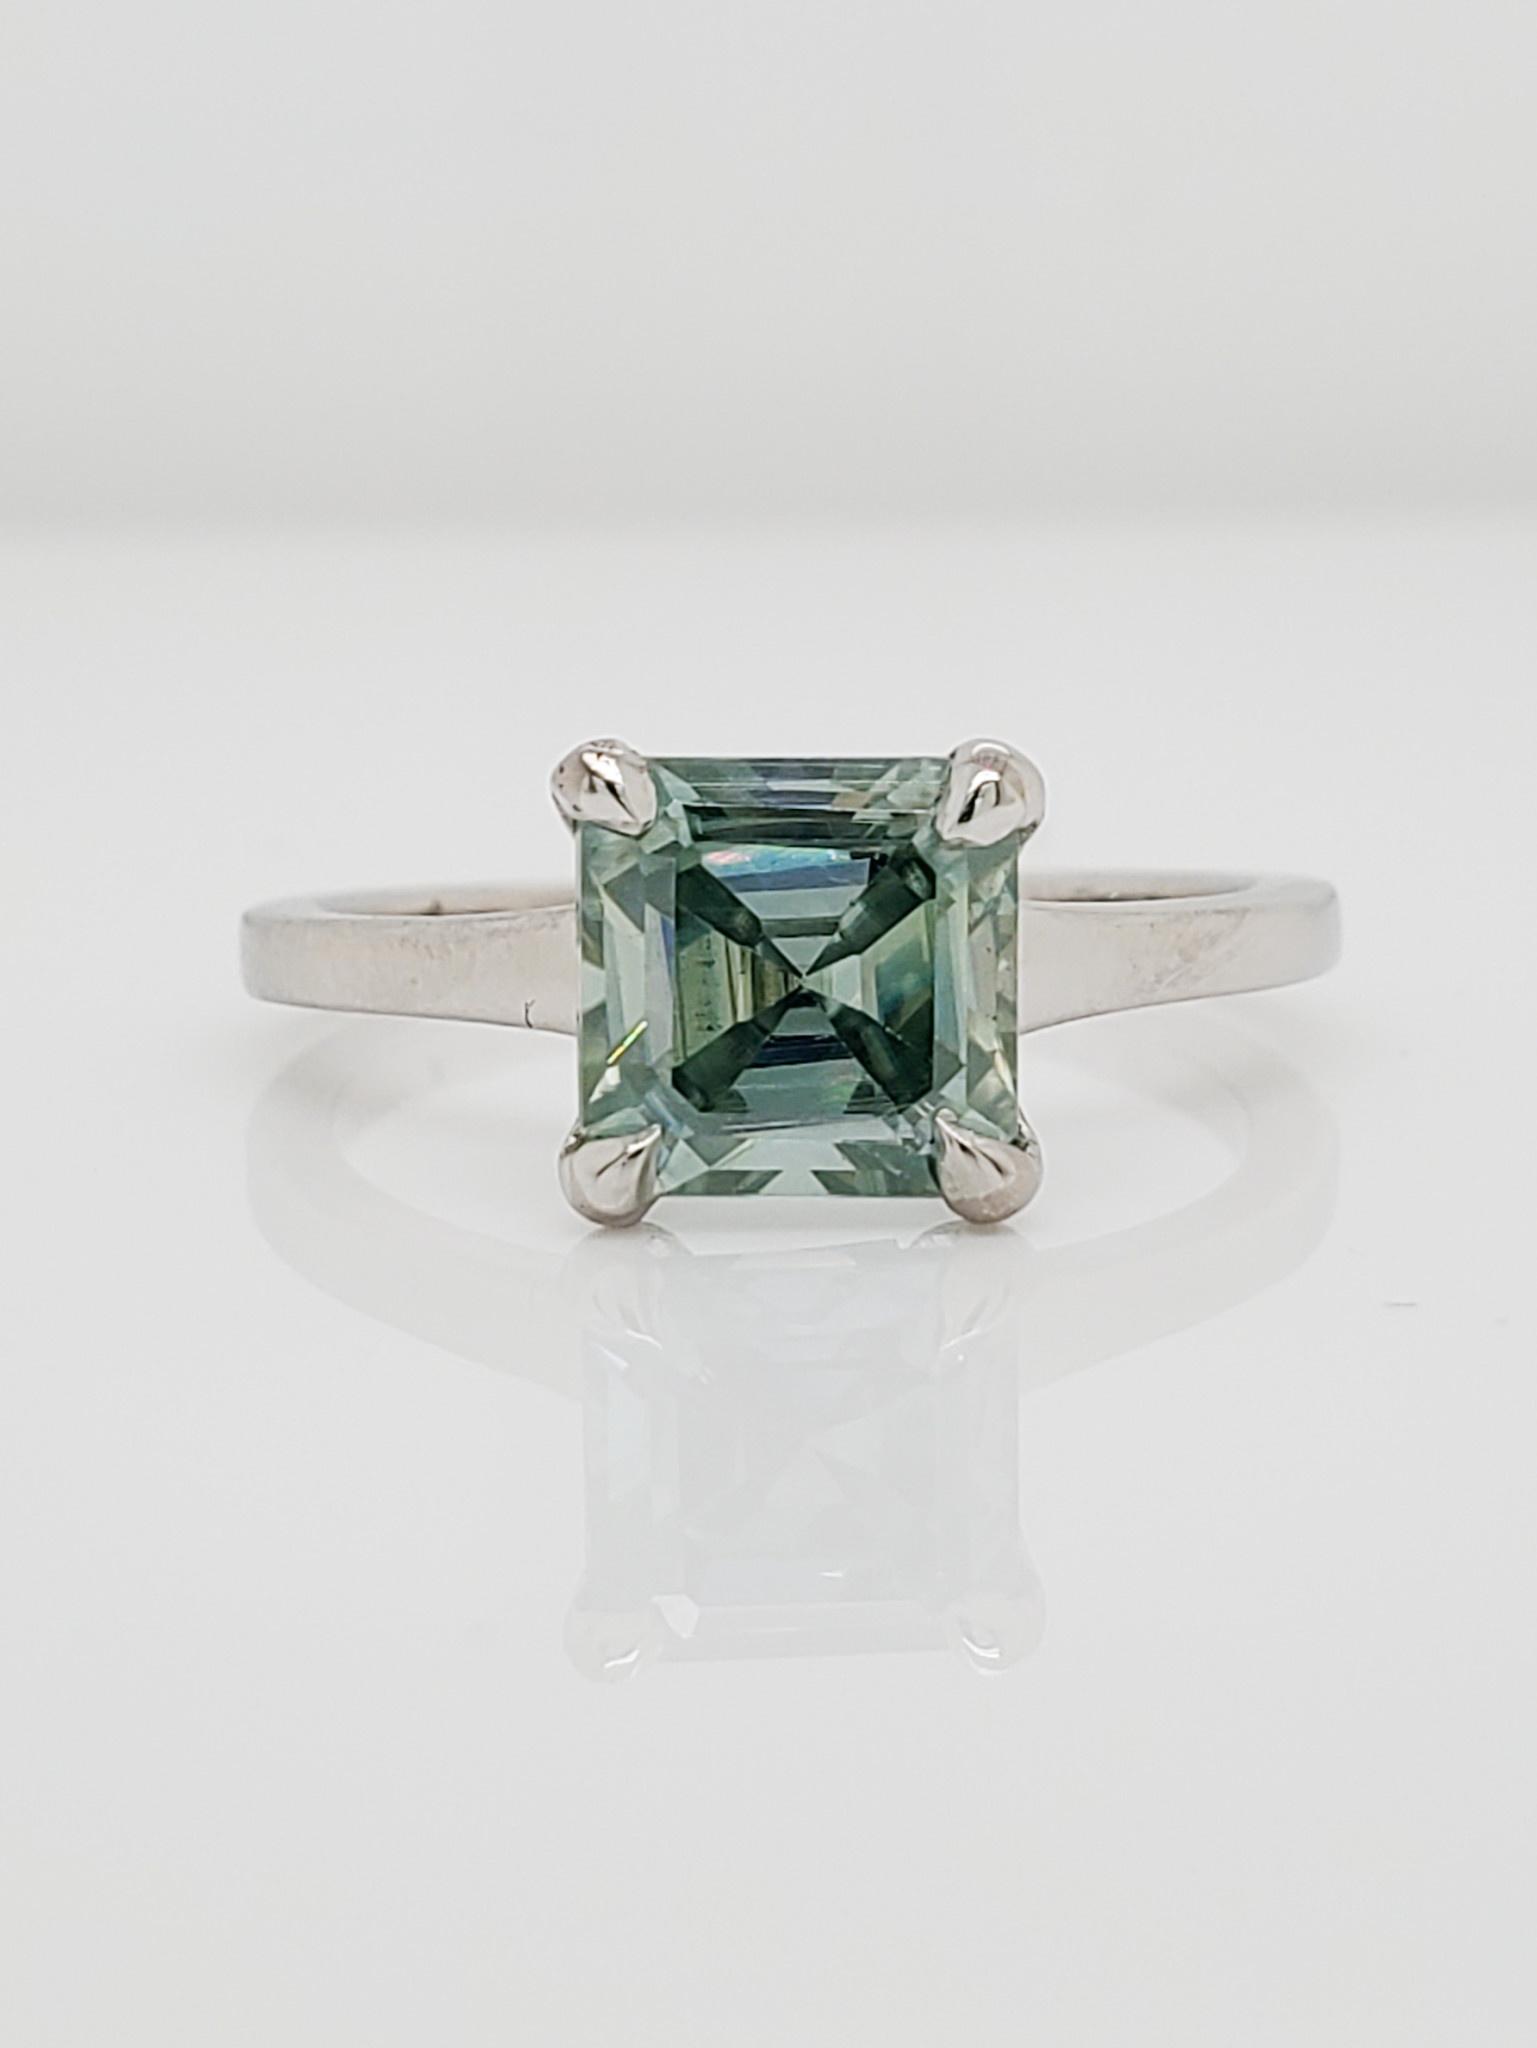 Platinum Asscher Cut Teal Moissanite Ring